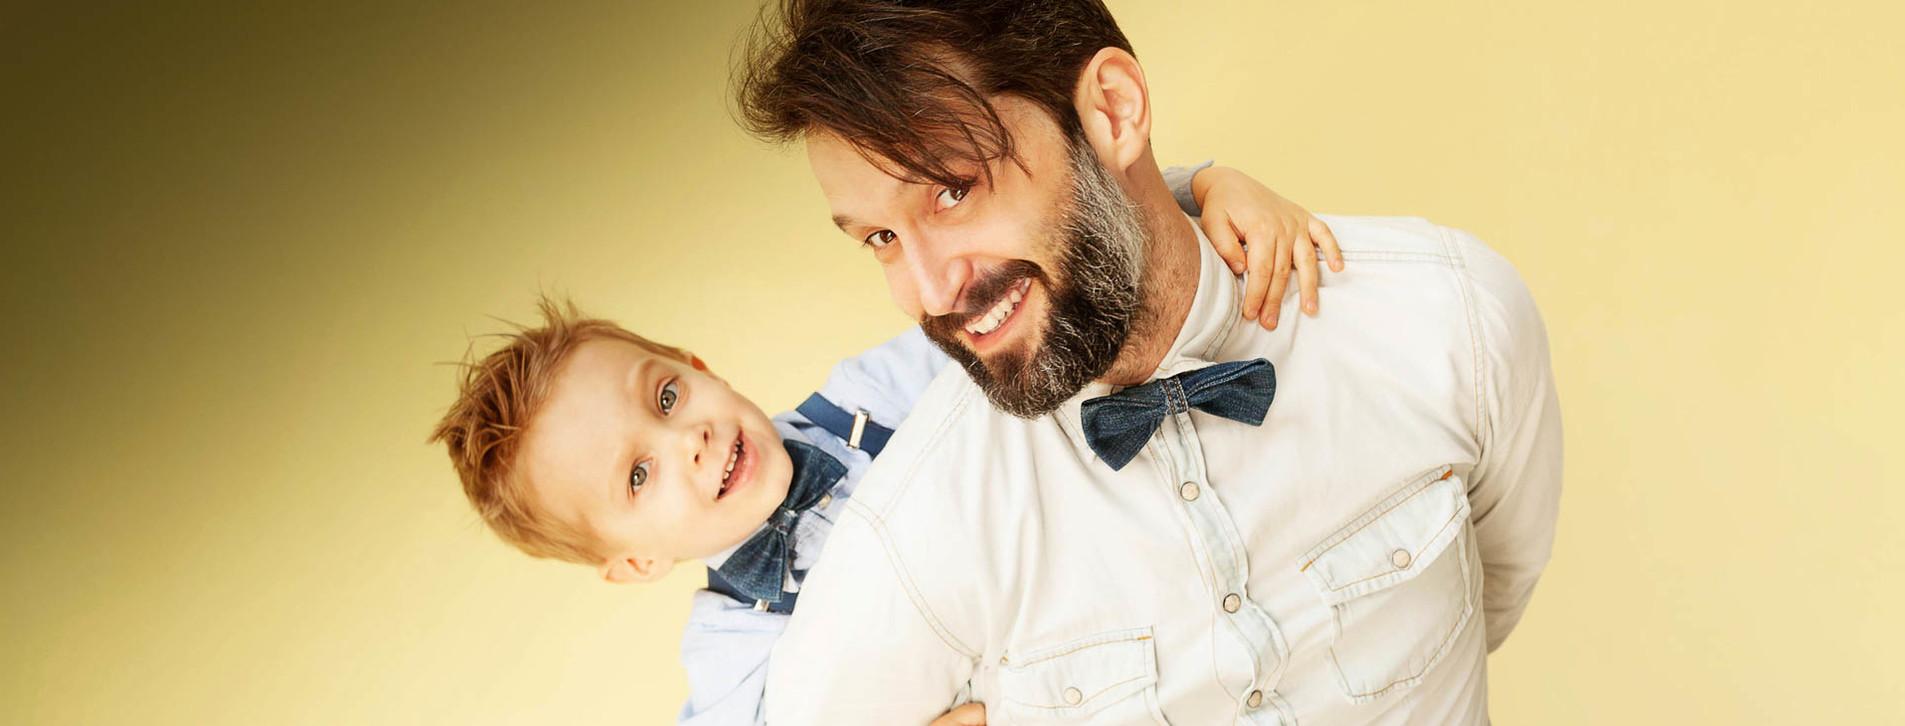 Фото 1 - Стрижка для папы и сына